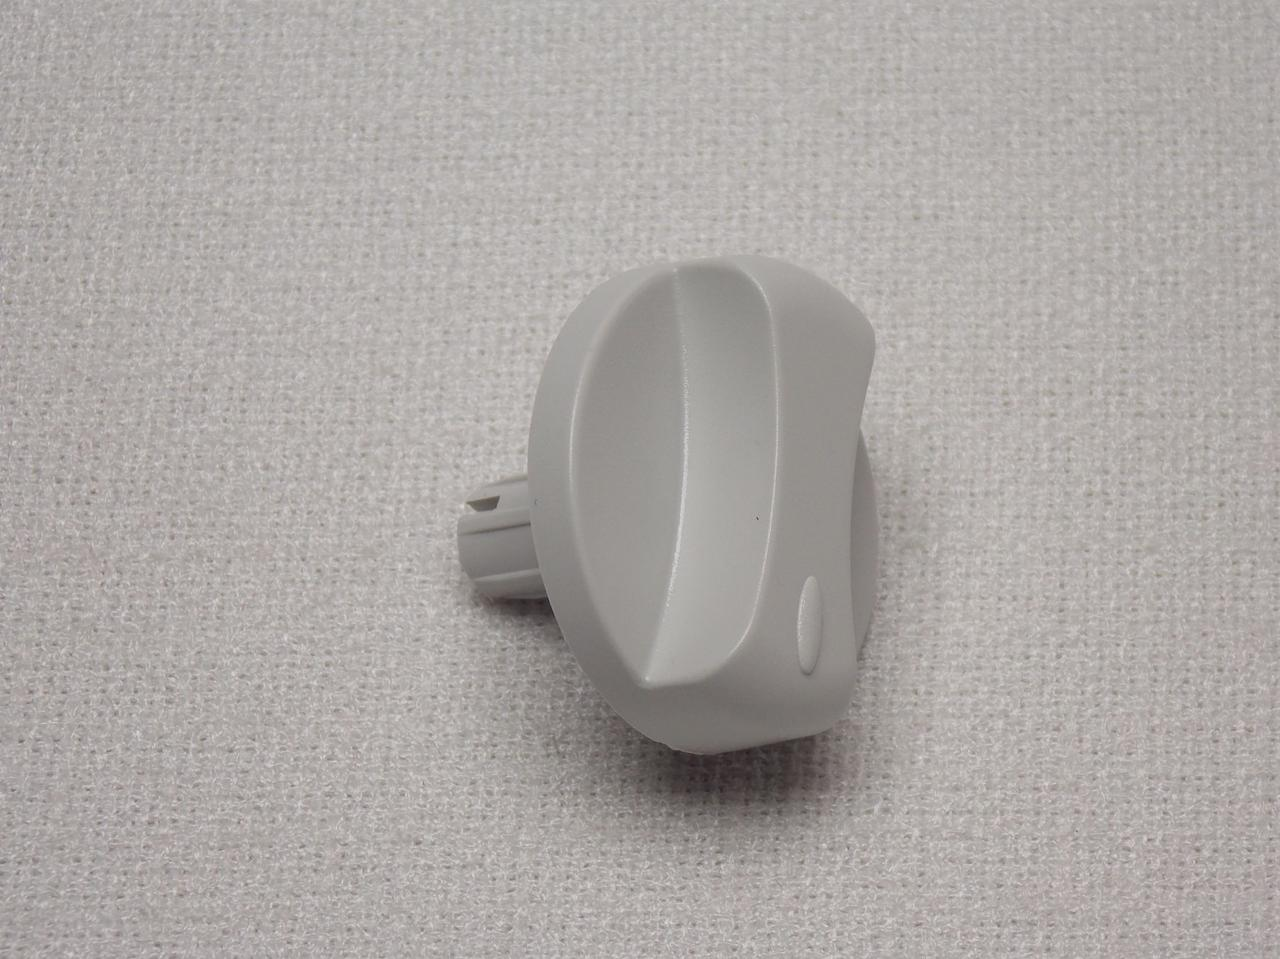 Ручка регулировки (круглая) газовой колонки Vaillant MAG OE 14-0/0 RXZ. 115163